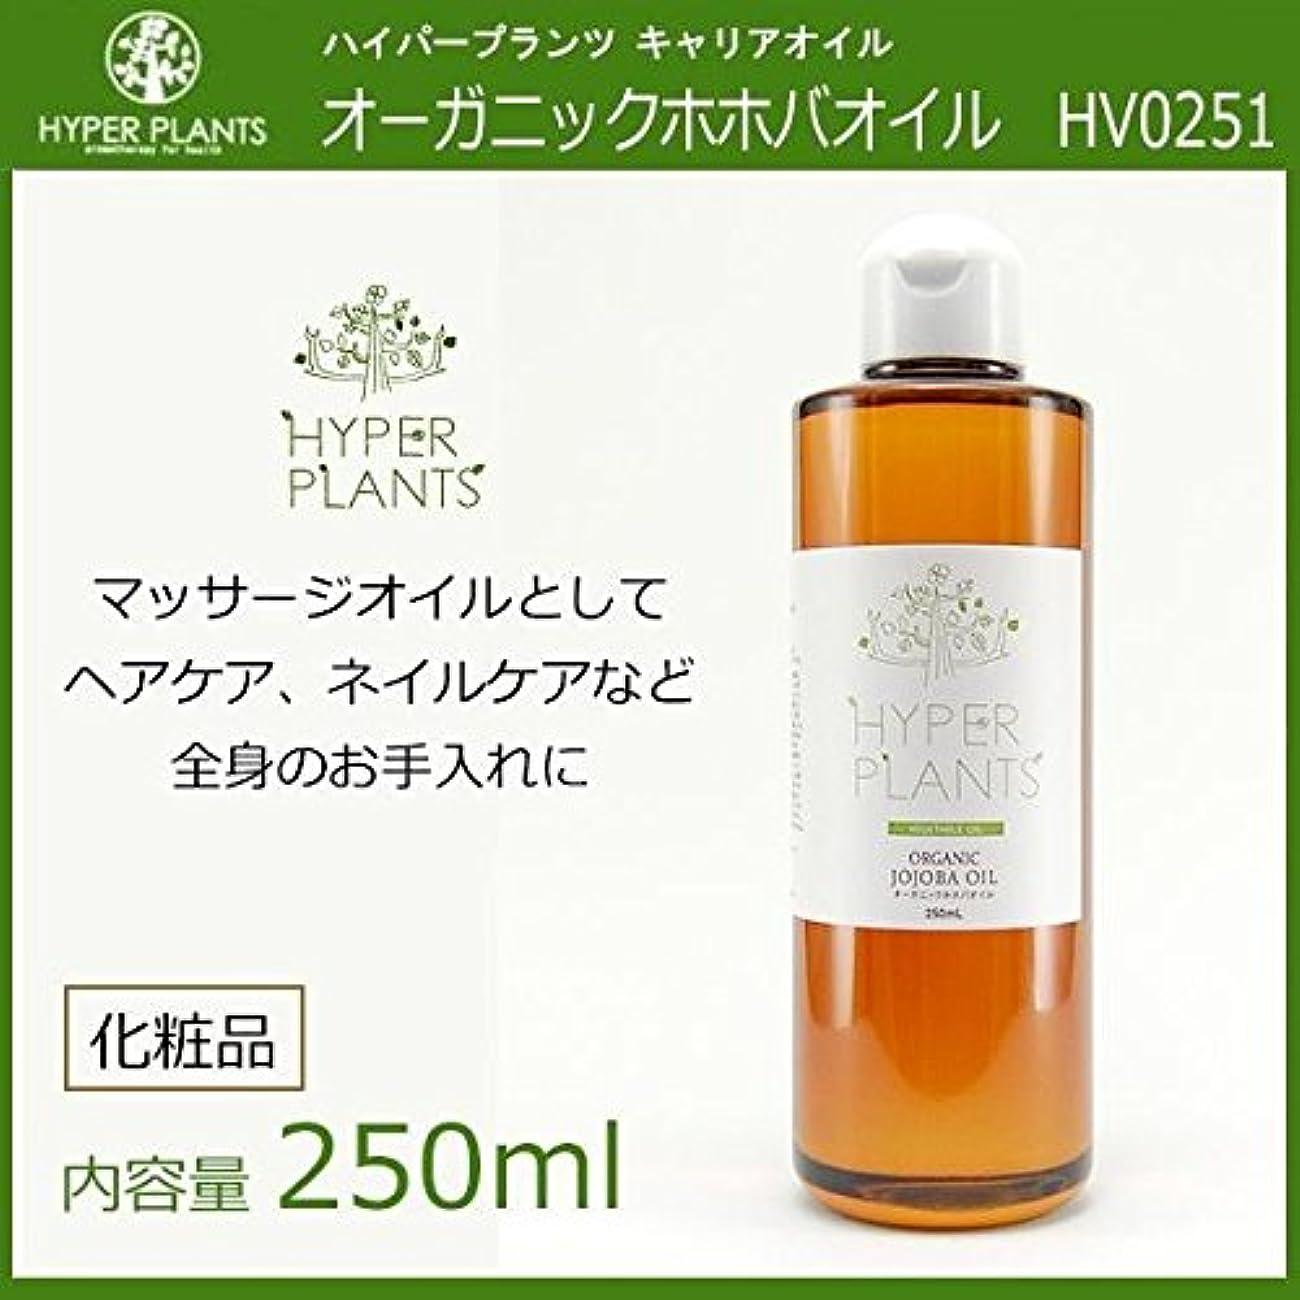 かかわらずフラフープ飢HYPER PLANTS ハイパープランツ キャリアオイル オーガニックホホバオイル 250ml HV0251